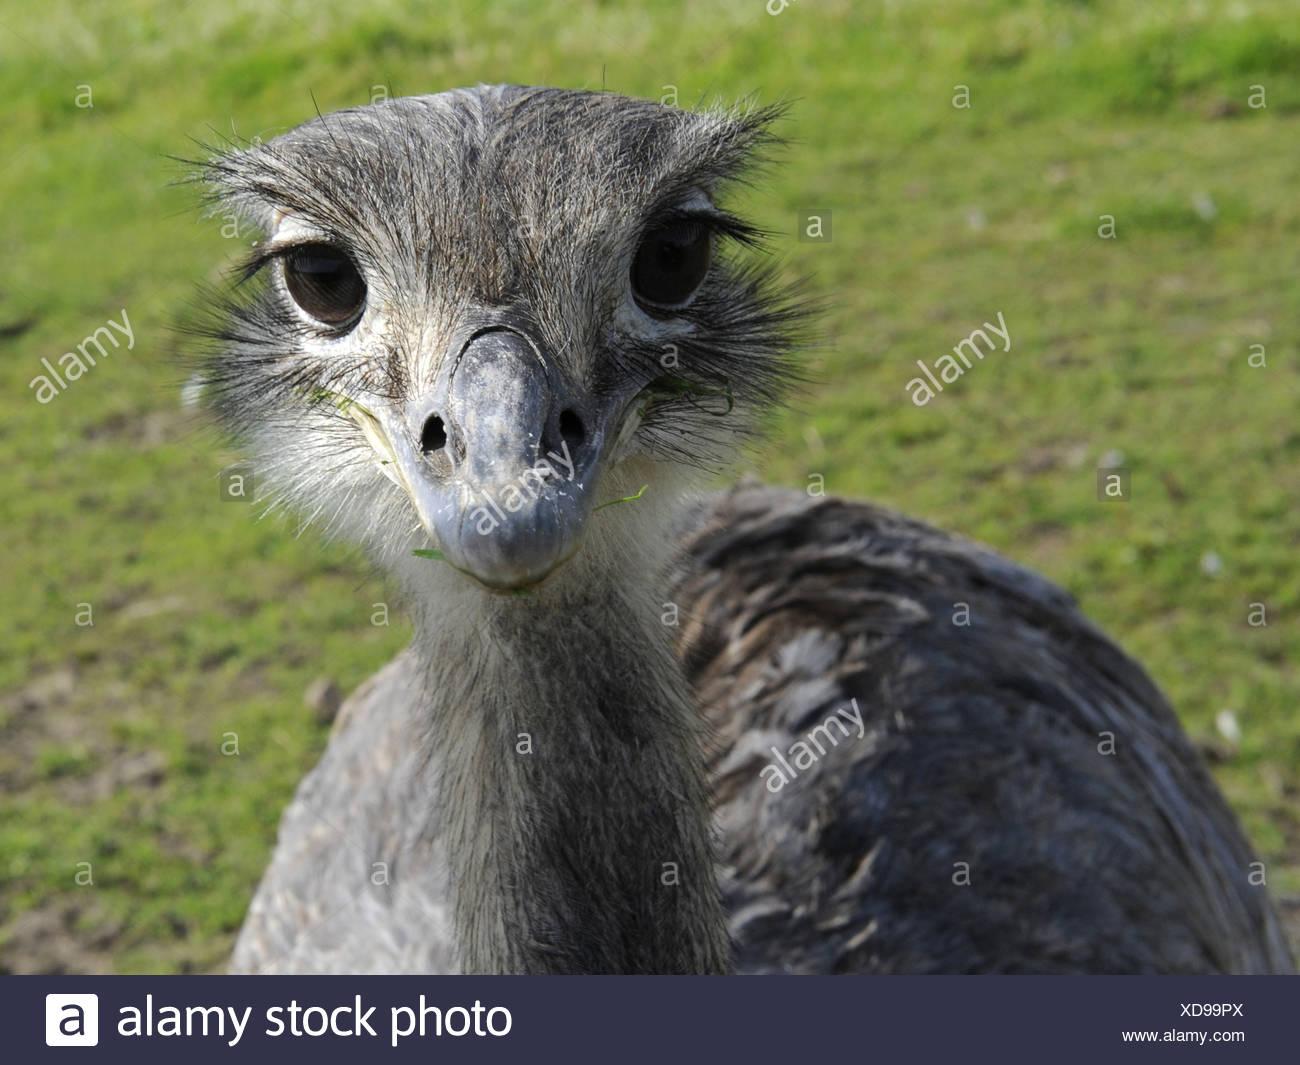 Das Gesicht von einem grauen Rhea. Stockfoto